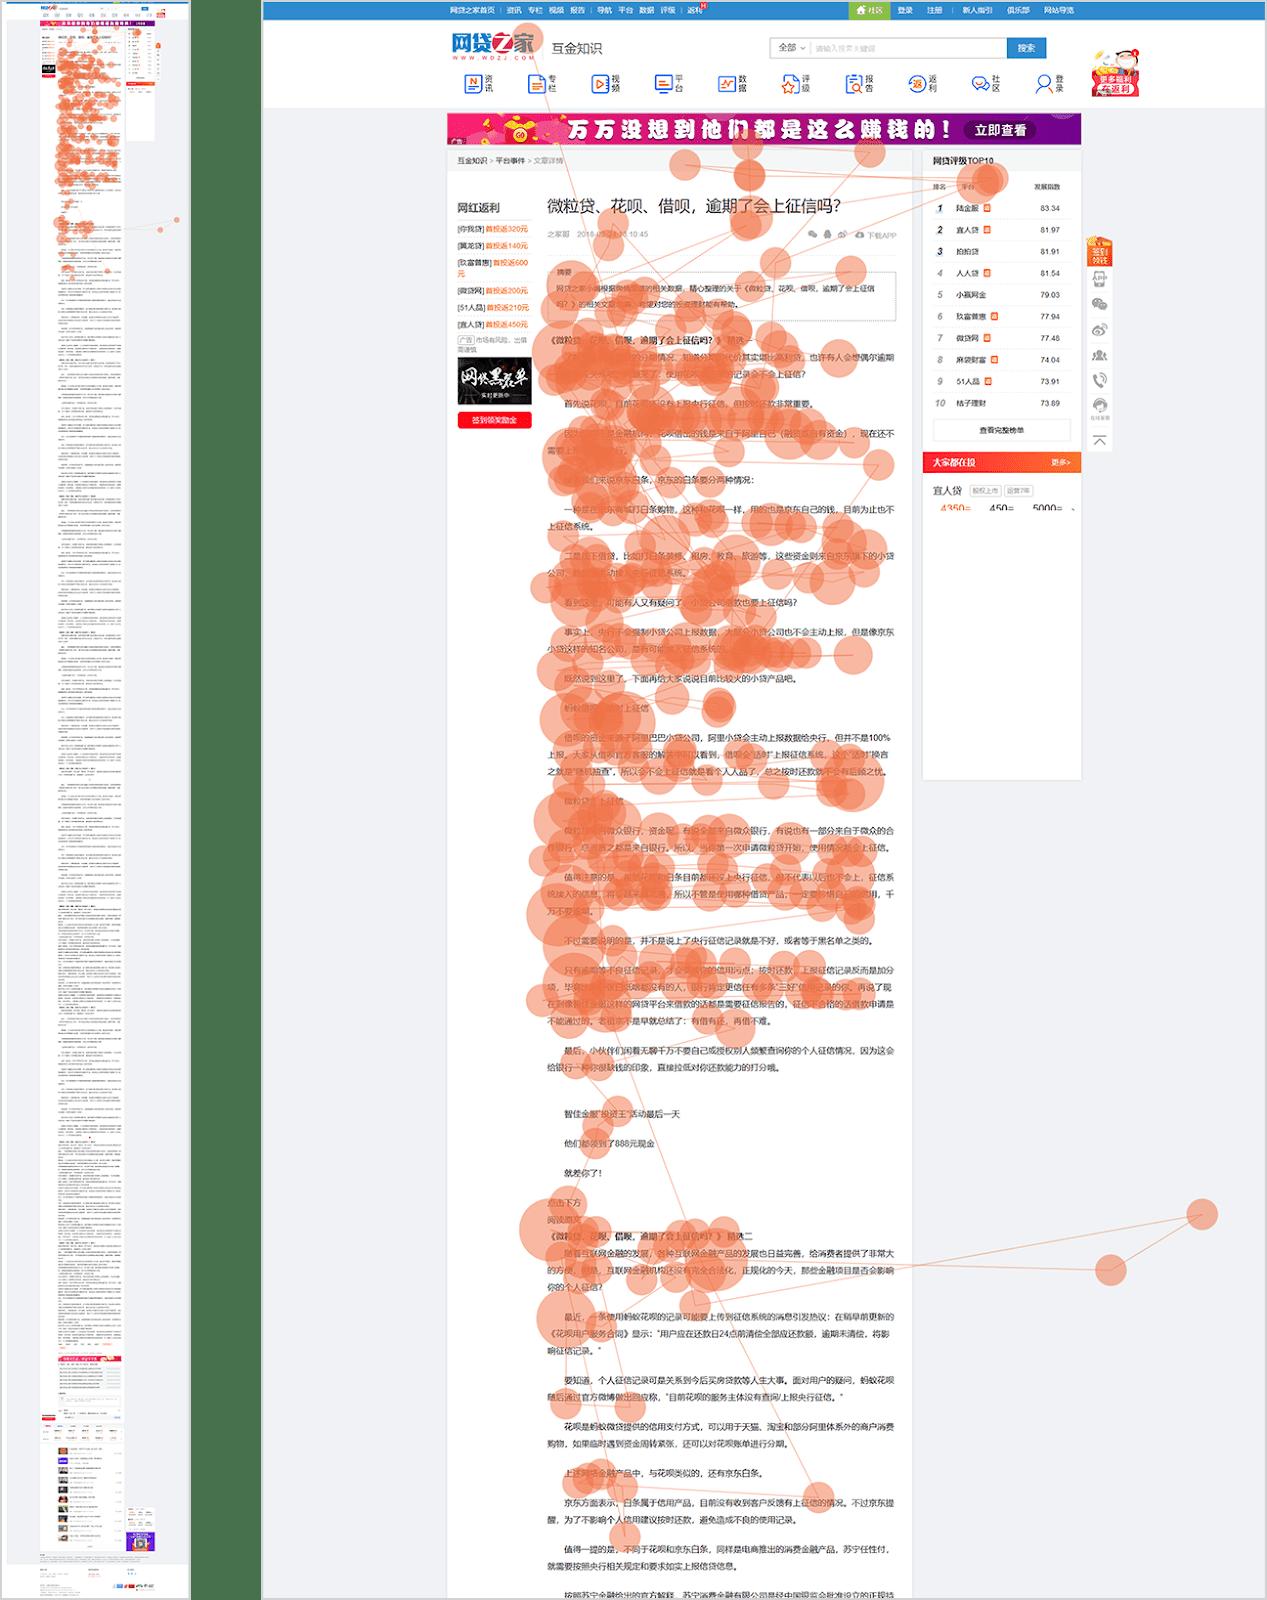 Один из участников пекинского эксперимента просмотрел (просканировал) эту чрезвычайно длинную страницу на WDZJ.com. Перед тем, как покинуть сайт, он пробежался глазами только по ⅕ её части (слева). Это сформировало классический F-паттерн (справа)